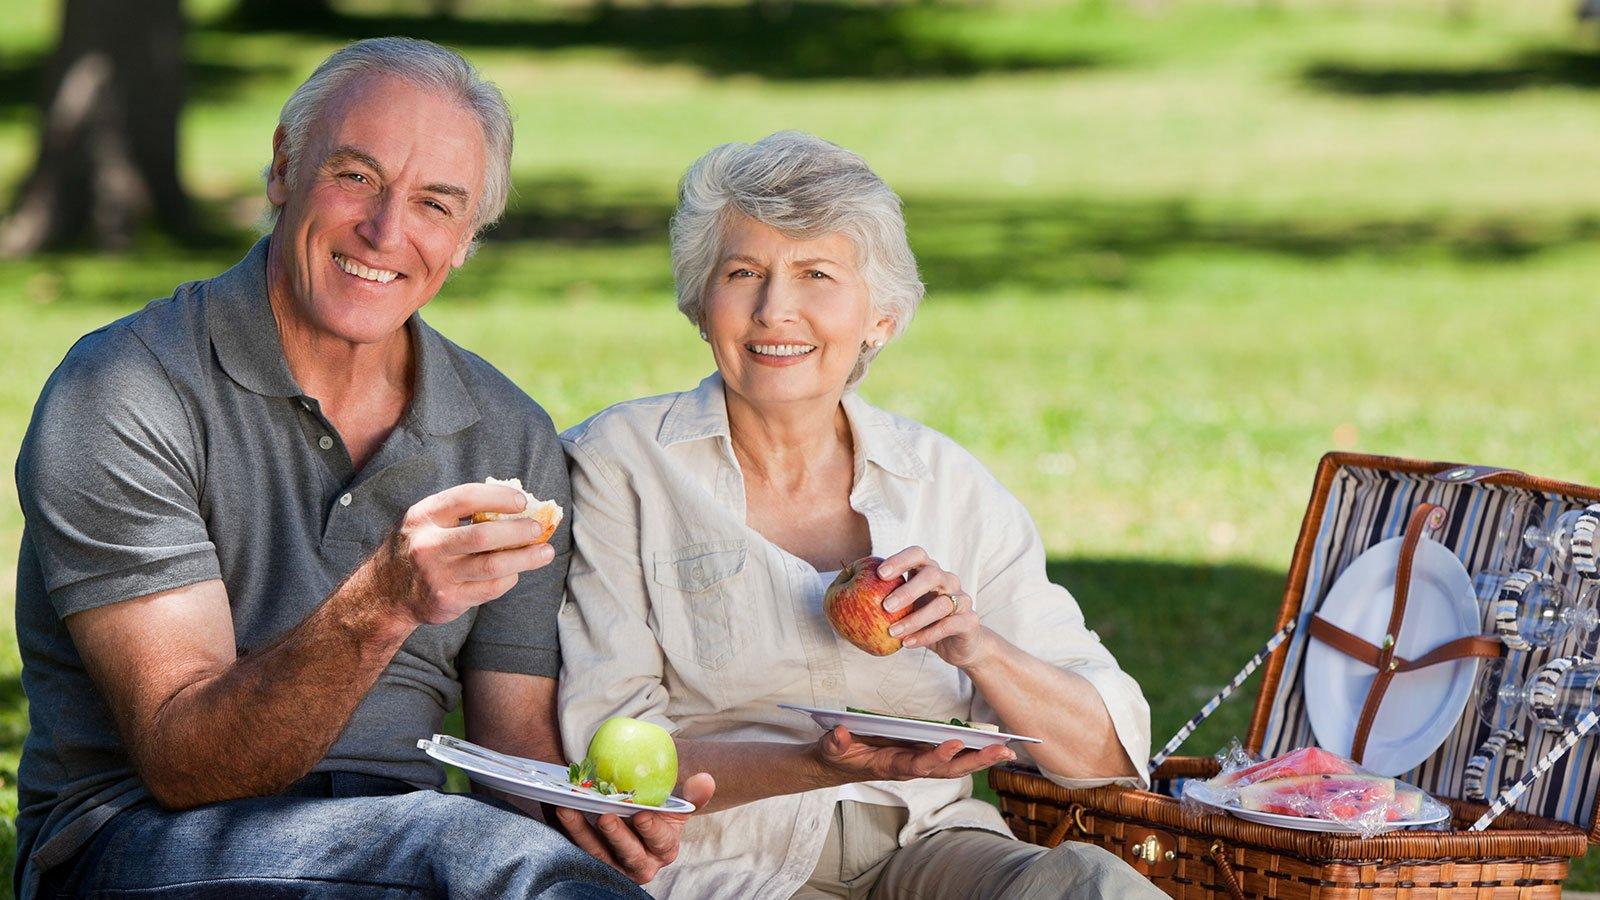 due anziani in un prato